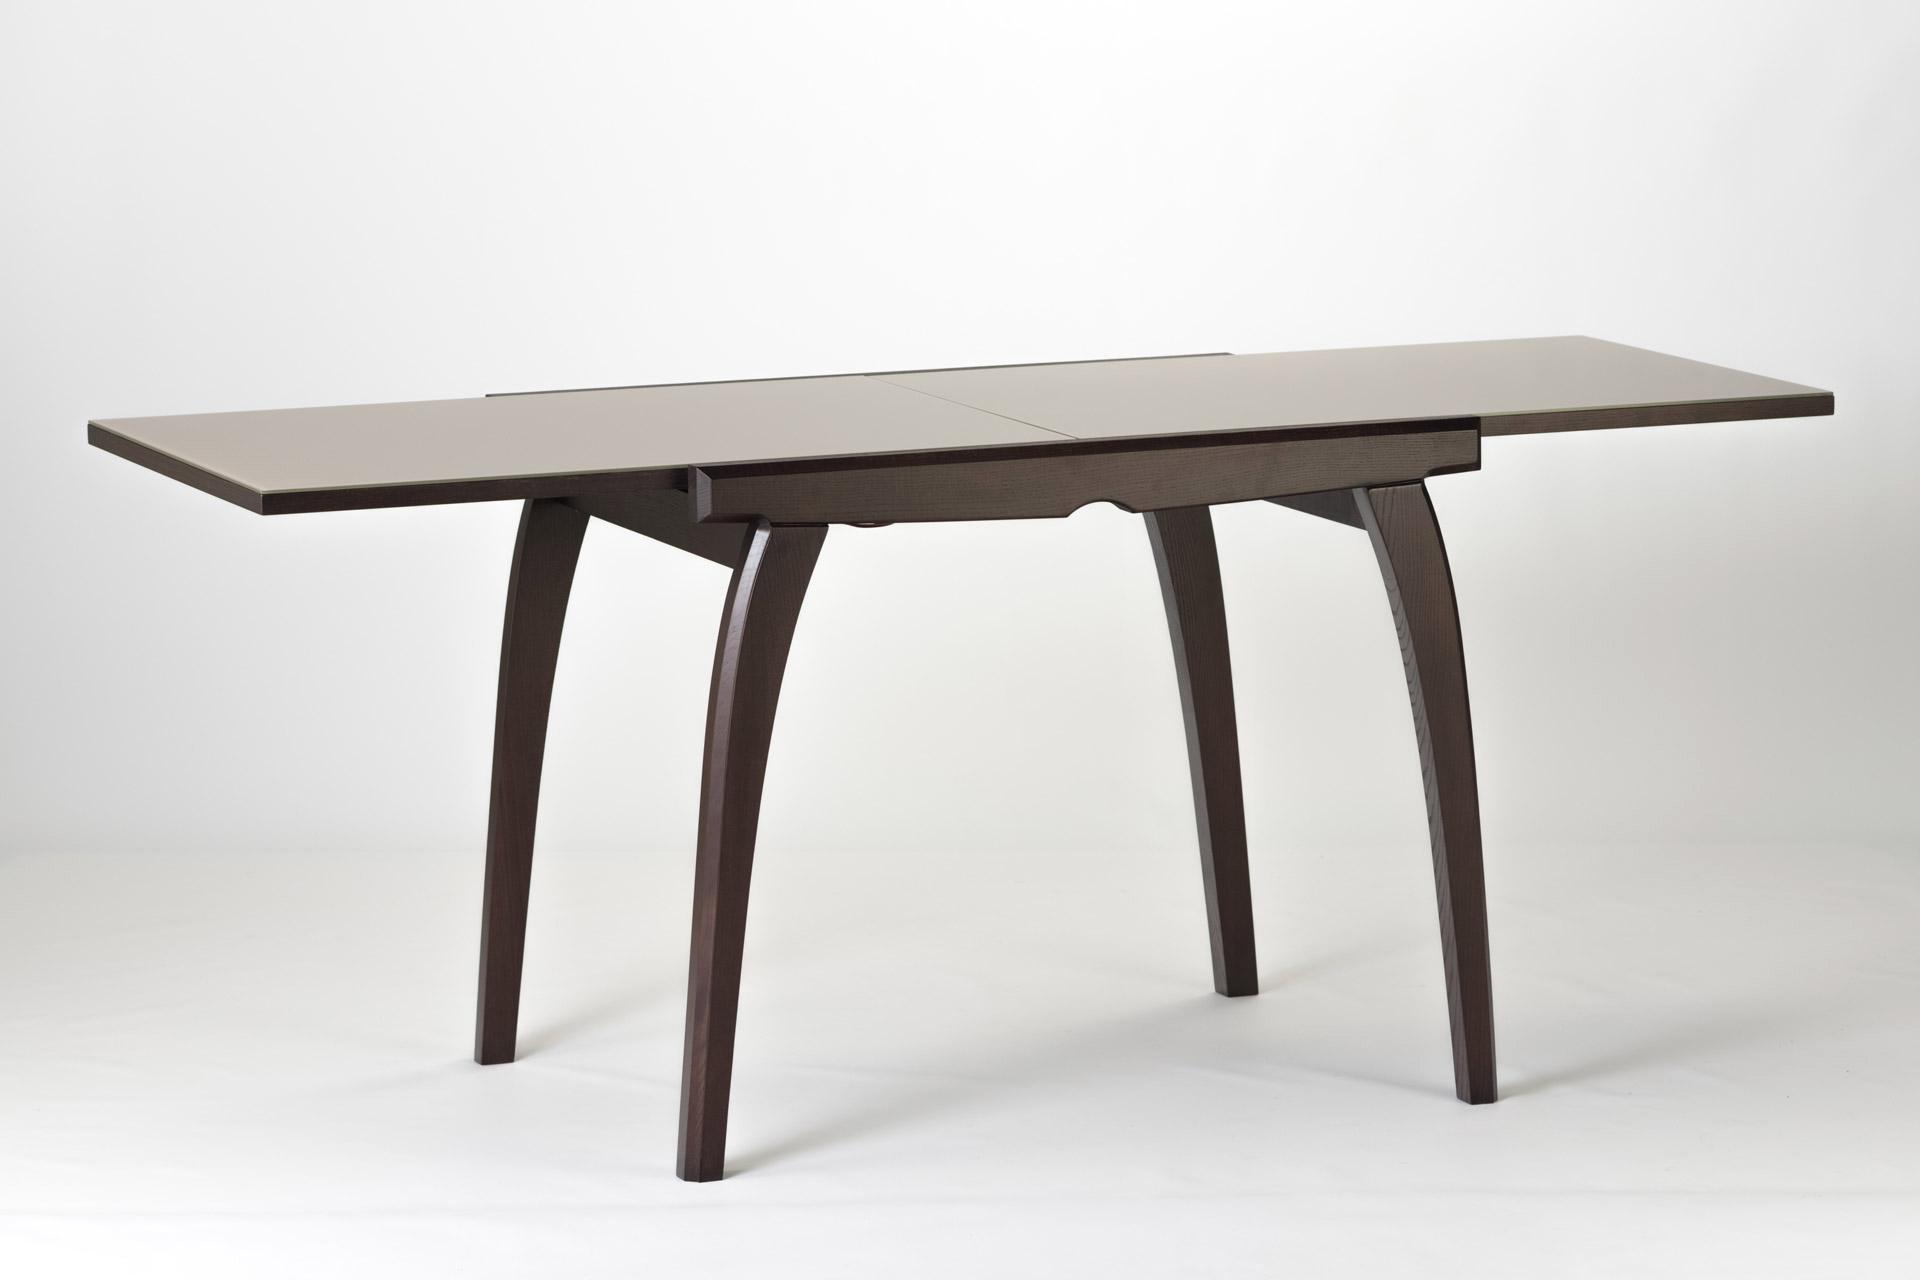 """Кухонный раскладной стол """"Фаворит - 02"""" с прямоугольной столешницей из стекла. Тонировка SE-7108 (разложенный)"""